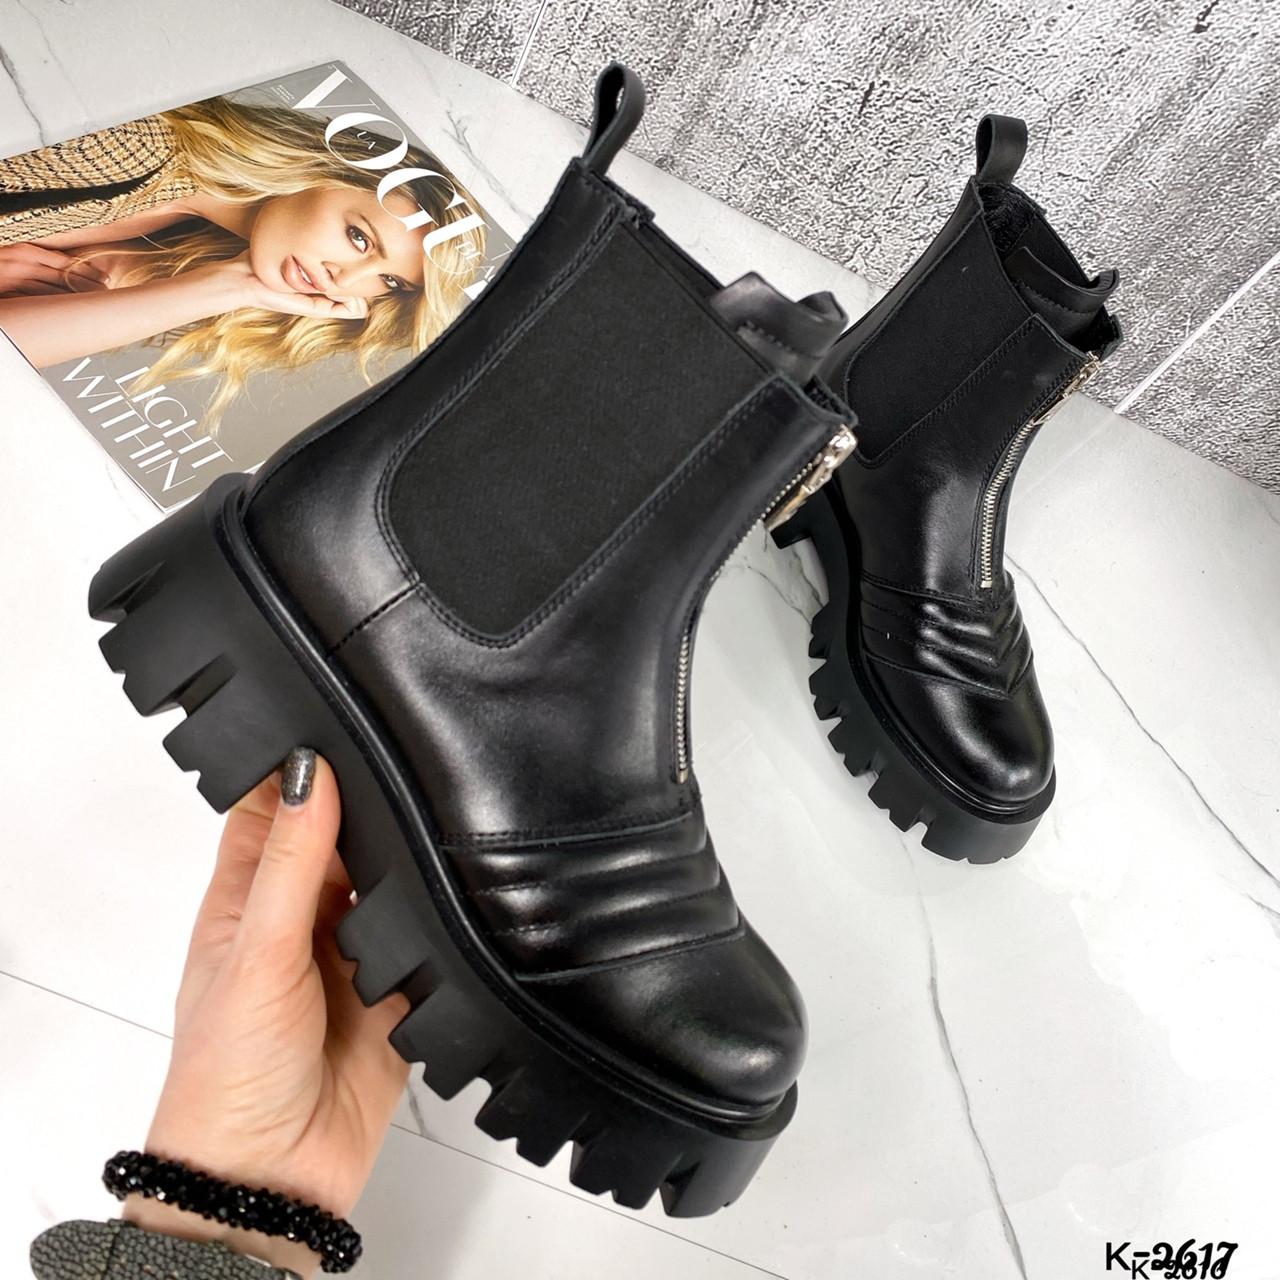 Ботинки натуральные - Clarcs материал: верх- натуральная кожа В наличии и под заказ